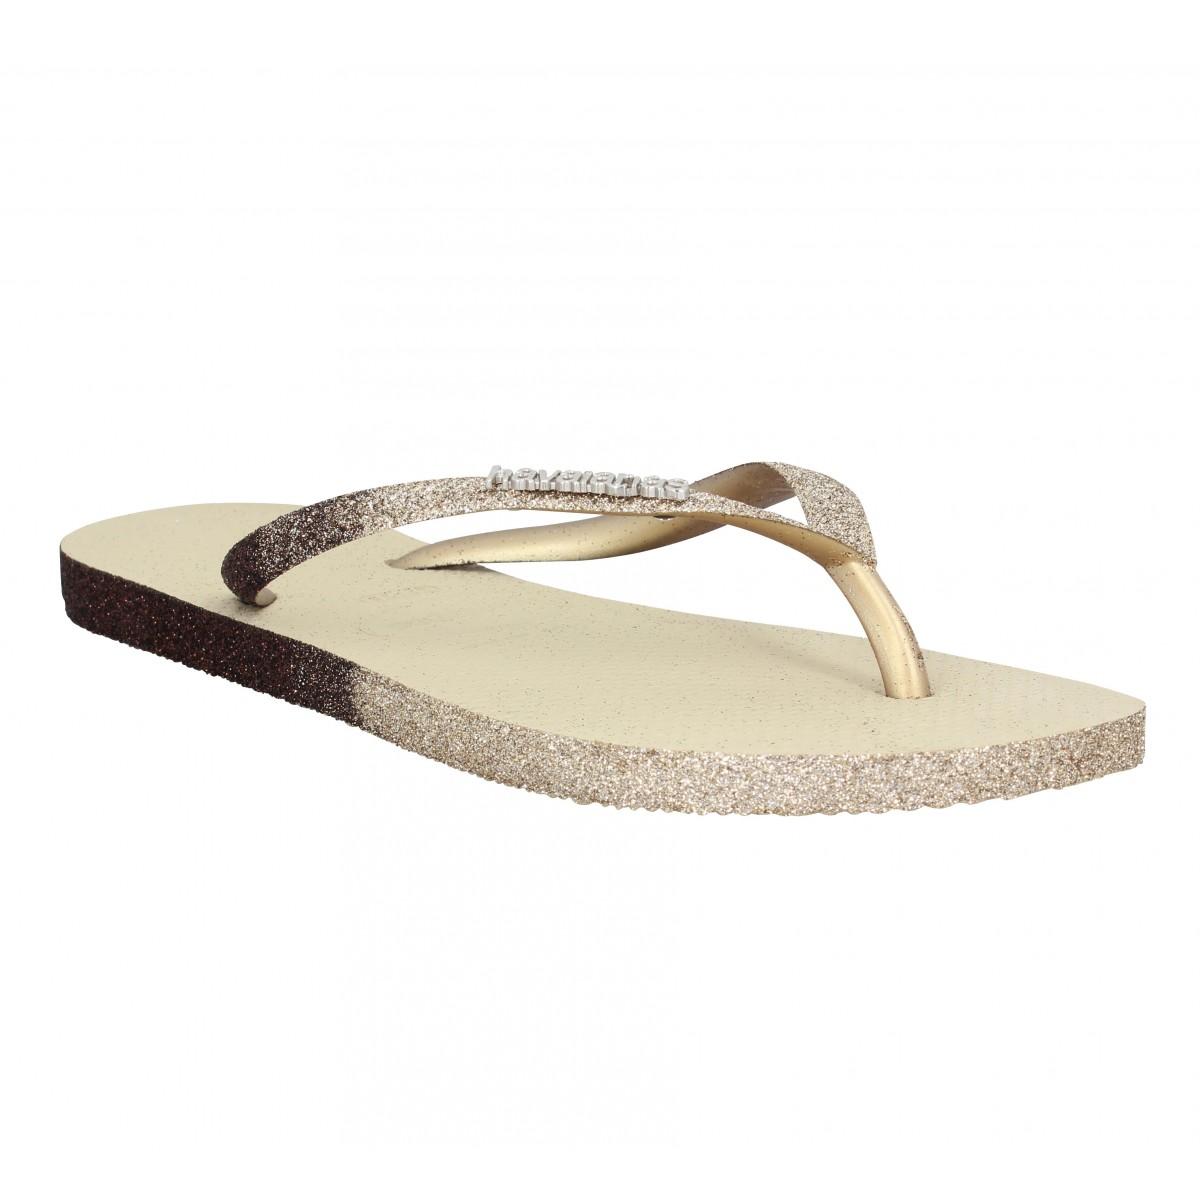 Tongs HAVAIANAS Slim Sparkle caoutchouc Femme Sand